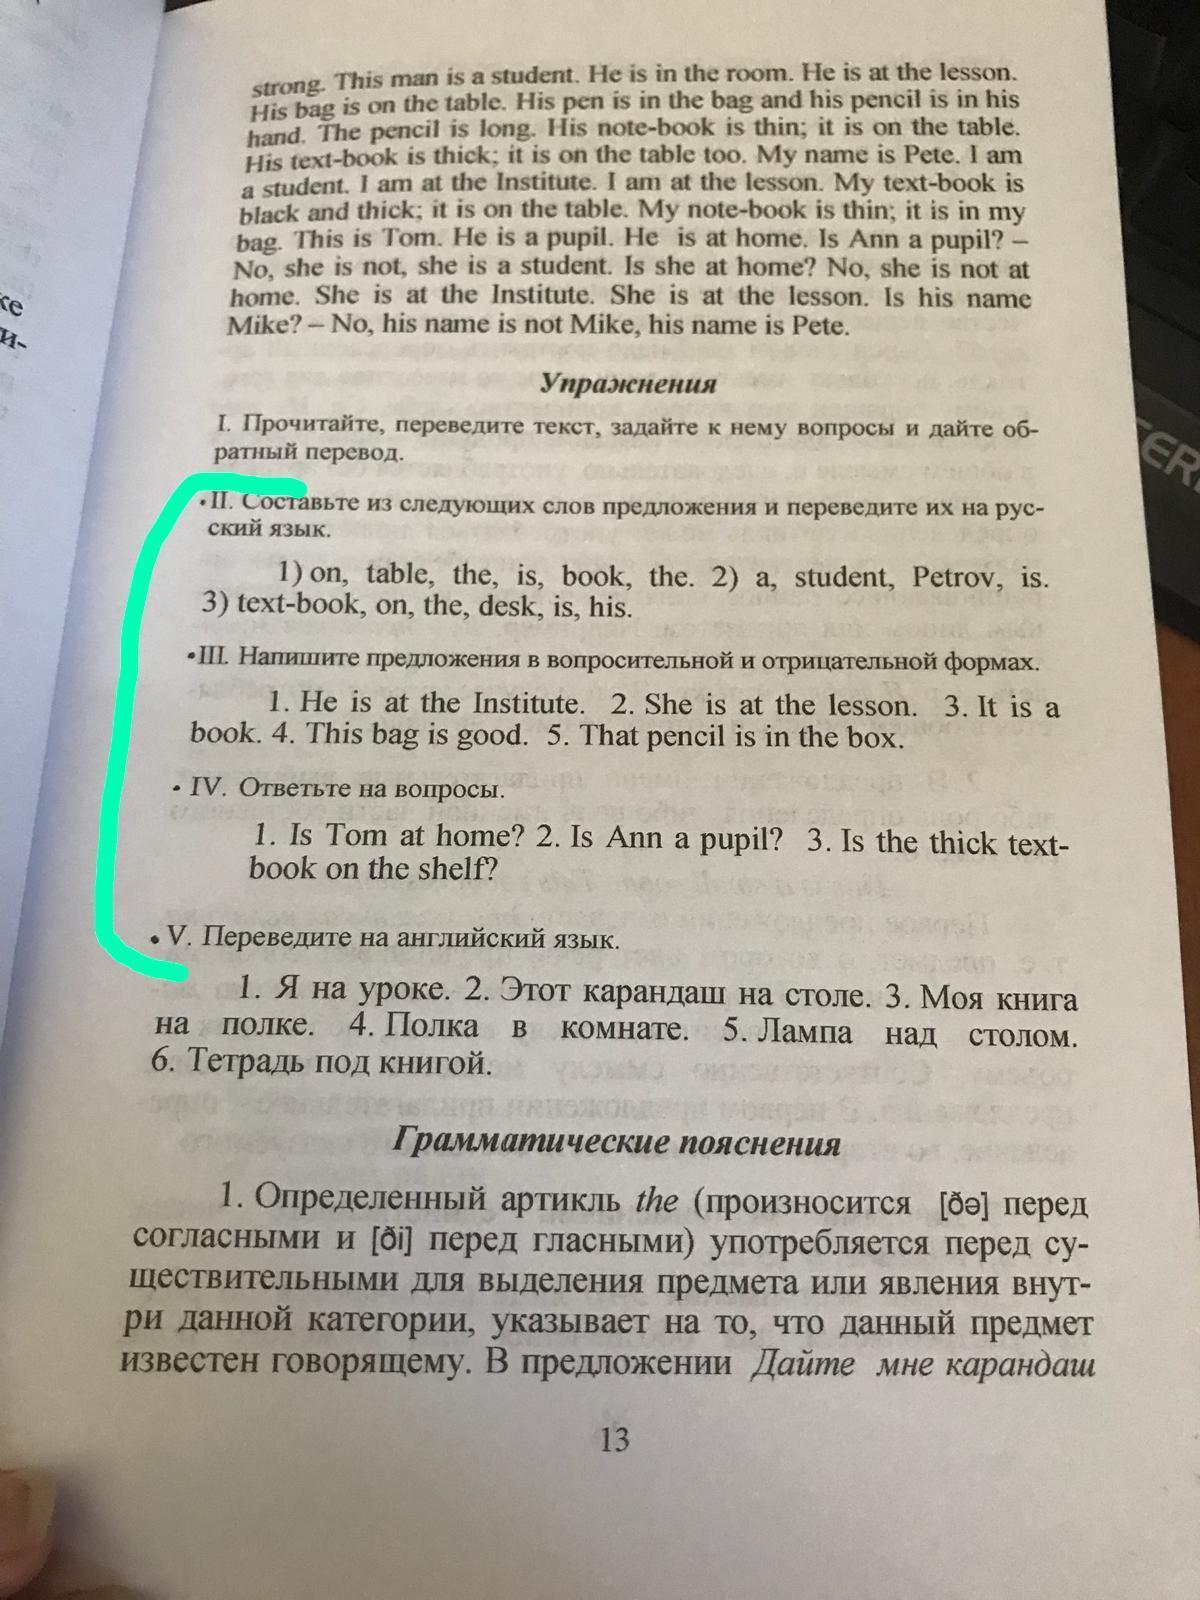 как читается по английски слово лампа